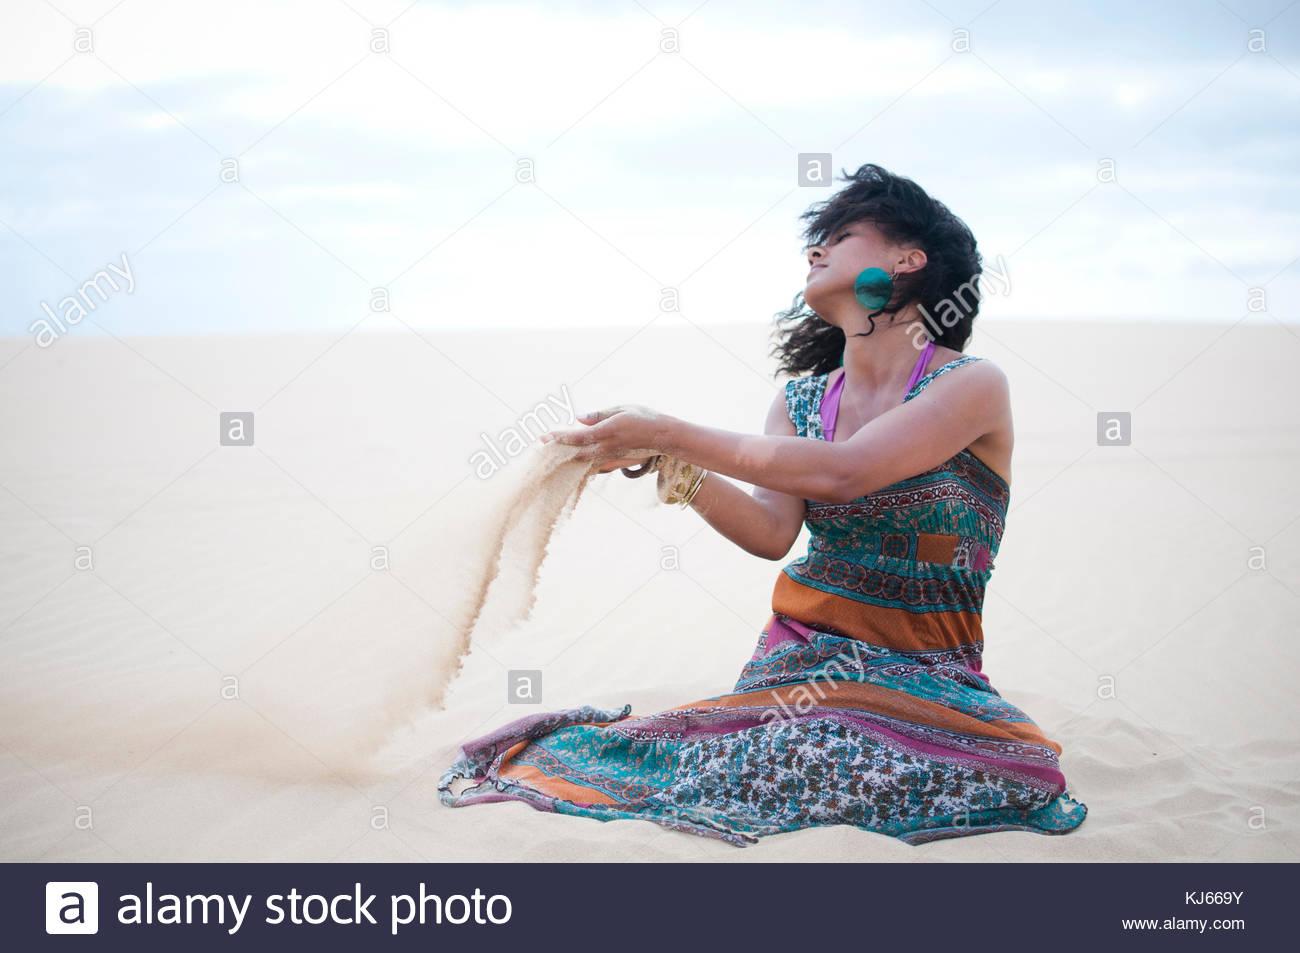 Hermosa mujer toma una respiración profunda después de la carrera Imagen De Stock